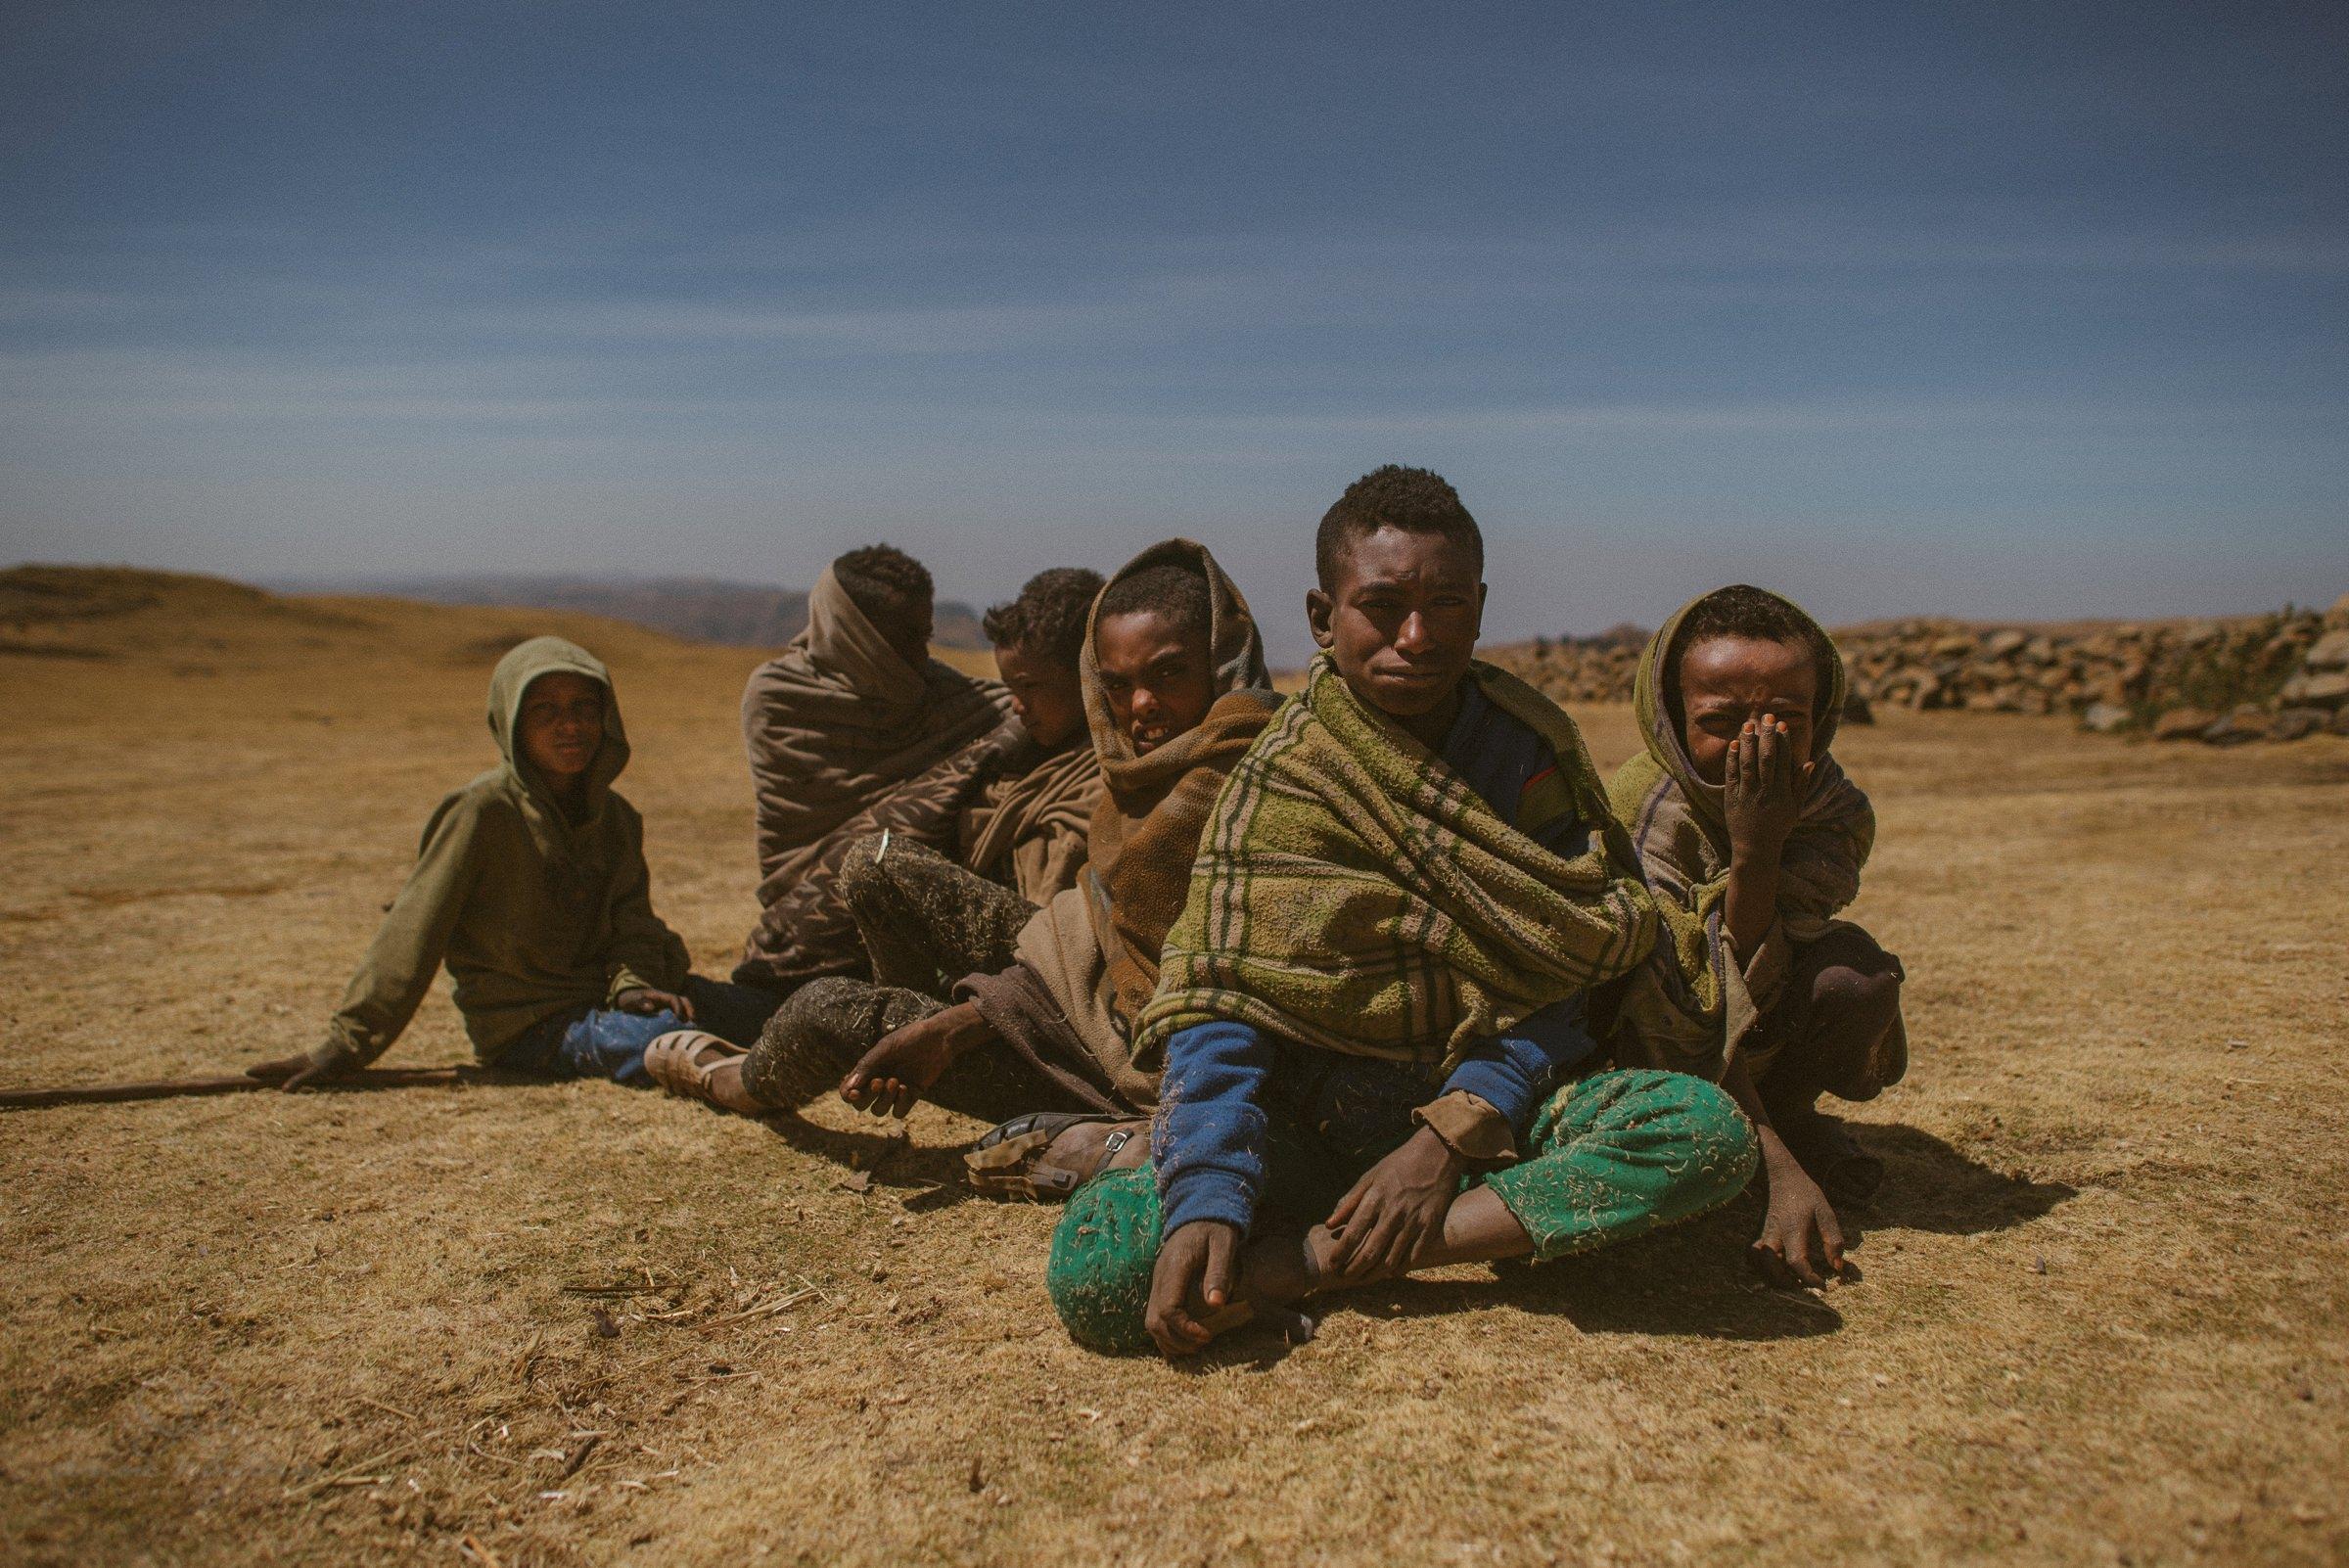 Kinder, Portrait, Afrika, Äthiopien, Umhang, Decke, Sonne, Wüste